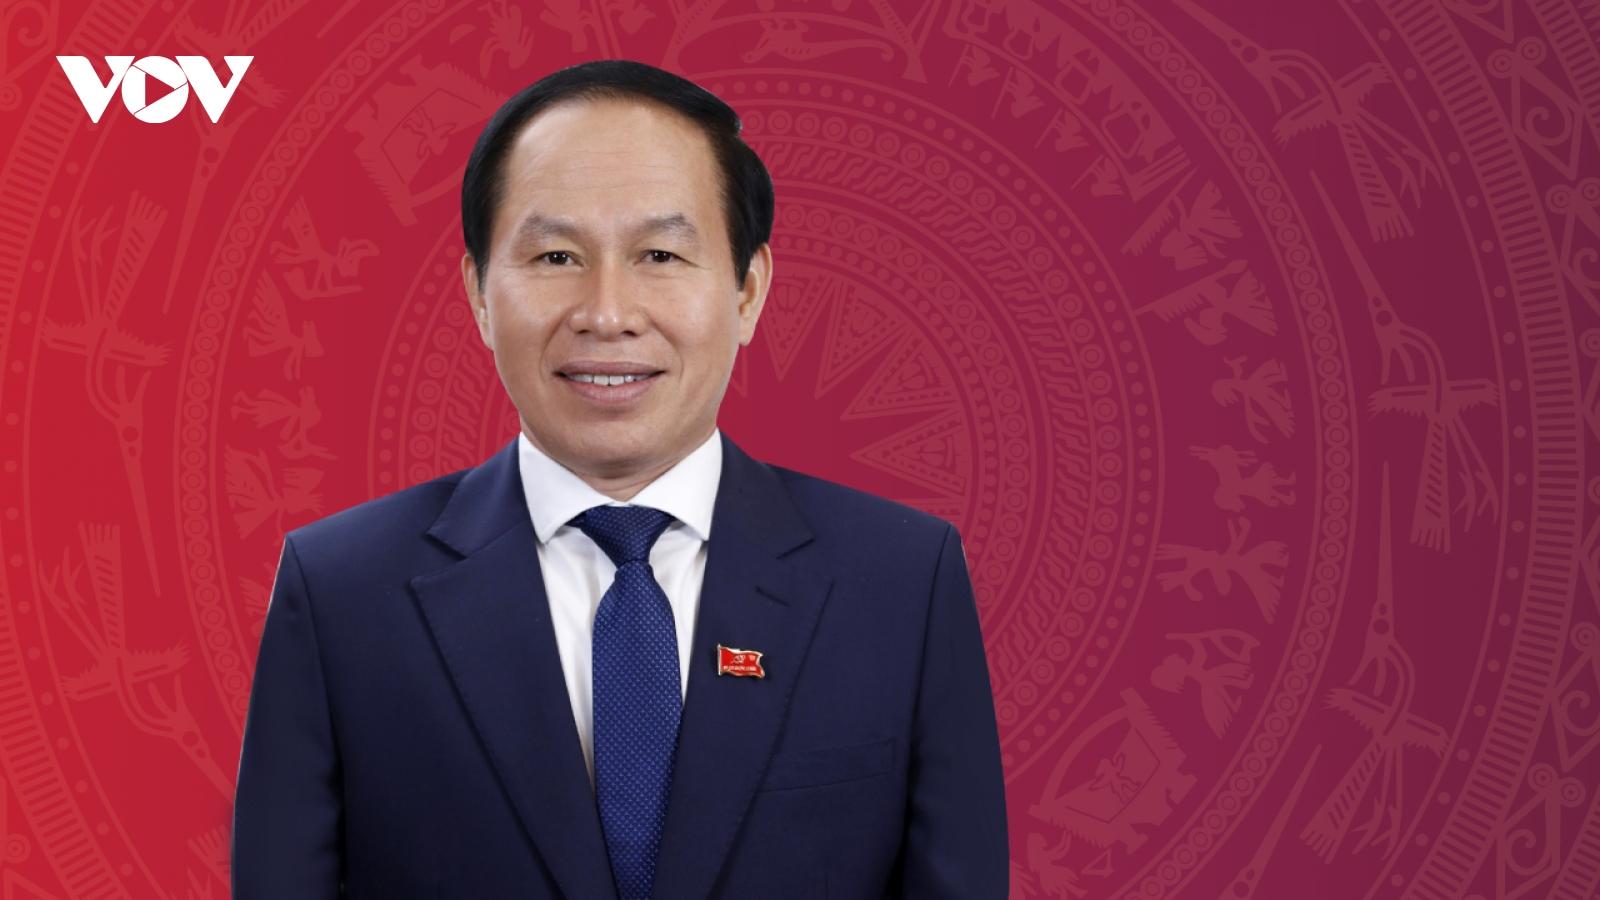 Chân dung Phó Chủ tịch kiêm Tổng thư ký Ủy ban Trung ương MTTQ Việt Nam